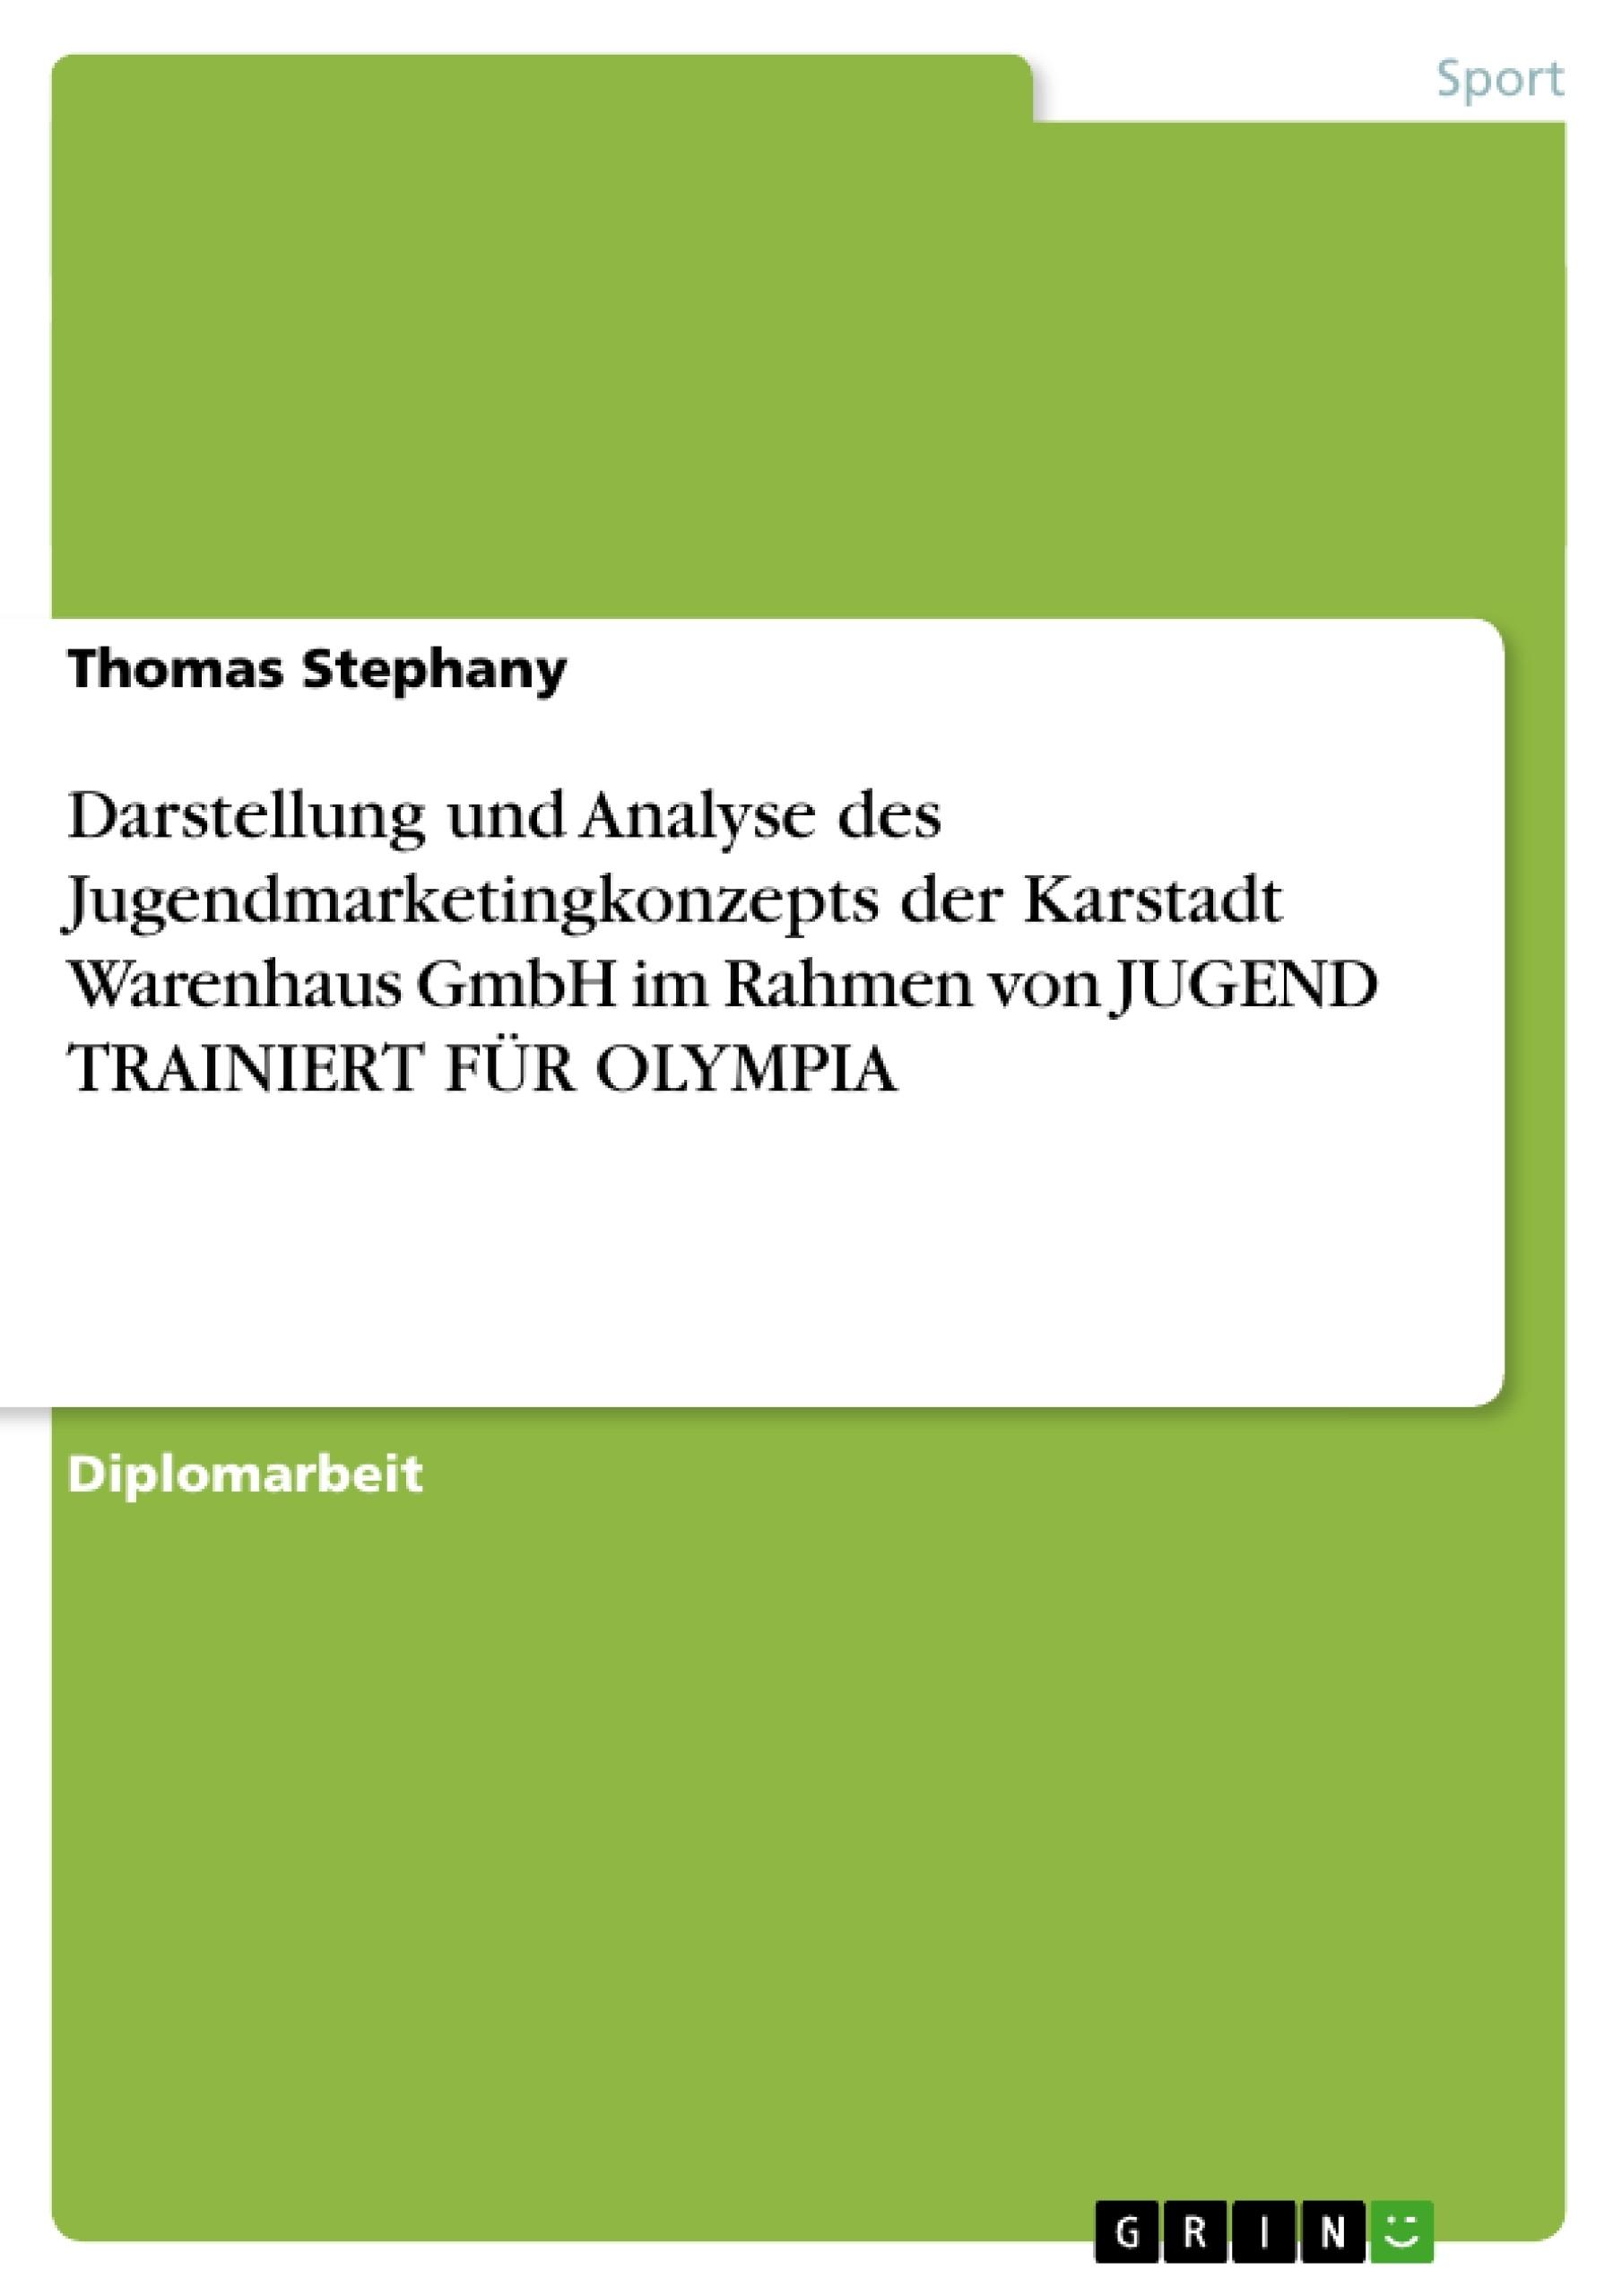 Titel: Darstellung und Analyse des Jugendmarketingkonzepts der Karstadt Warenhaus GmbH im Rahmen von JUGEND TRAINIERT FÜR OLYMPIA